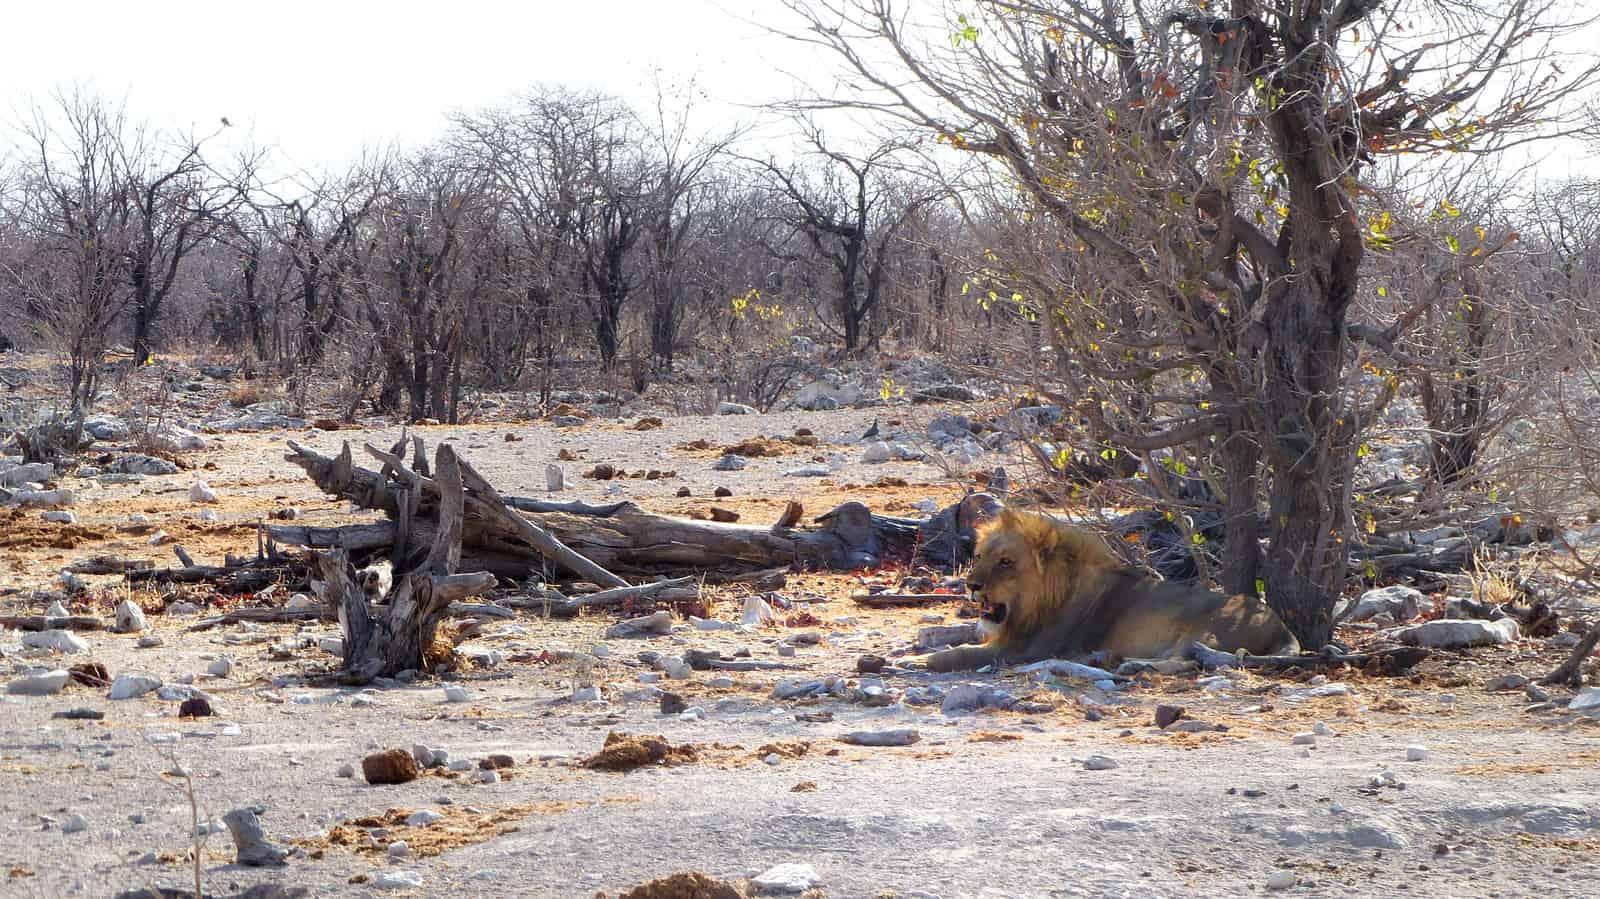 Lion at Kalkheuwel Waterhole, Etosha